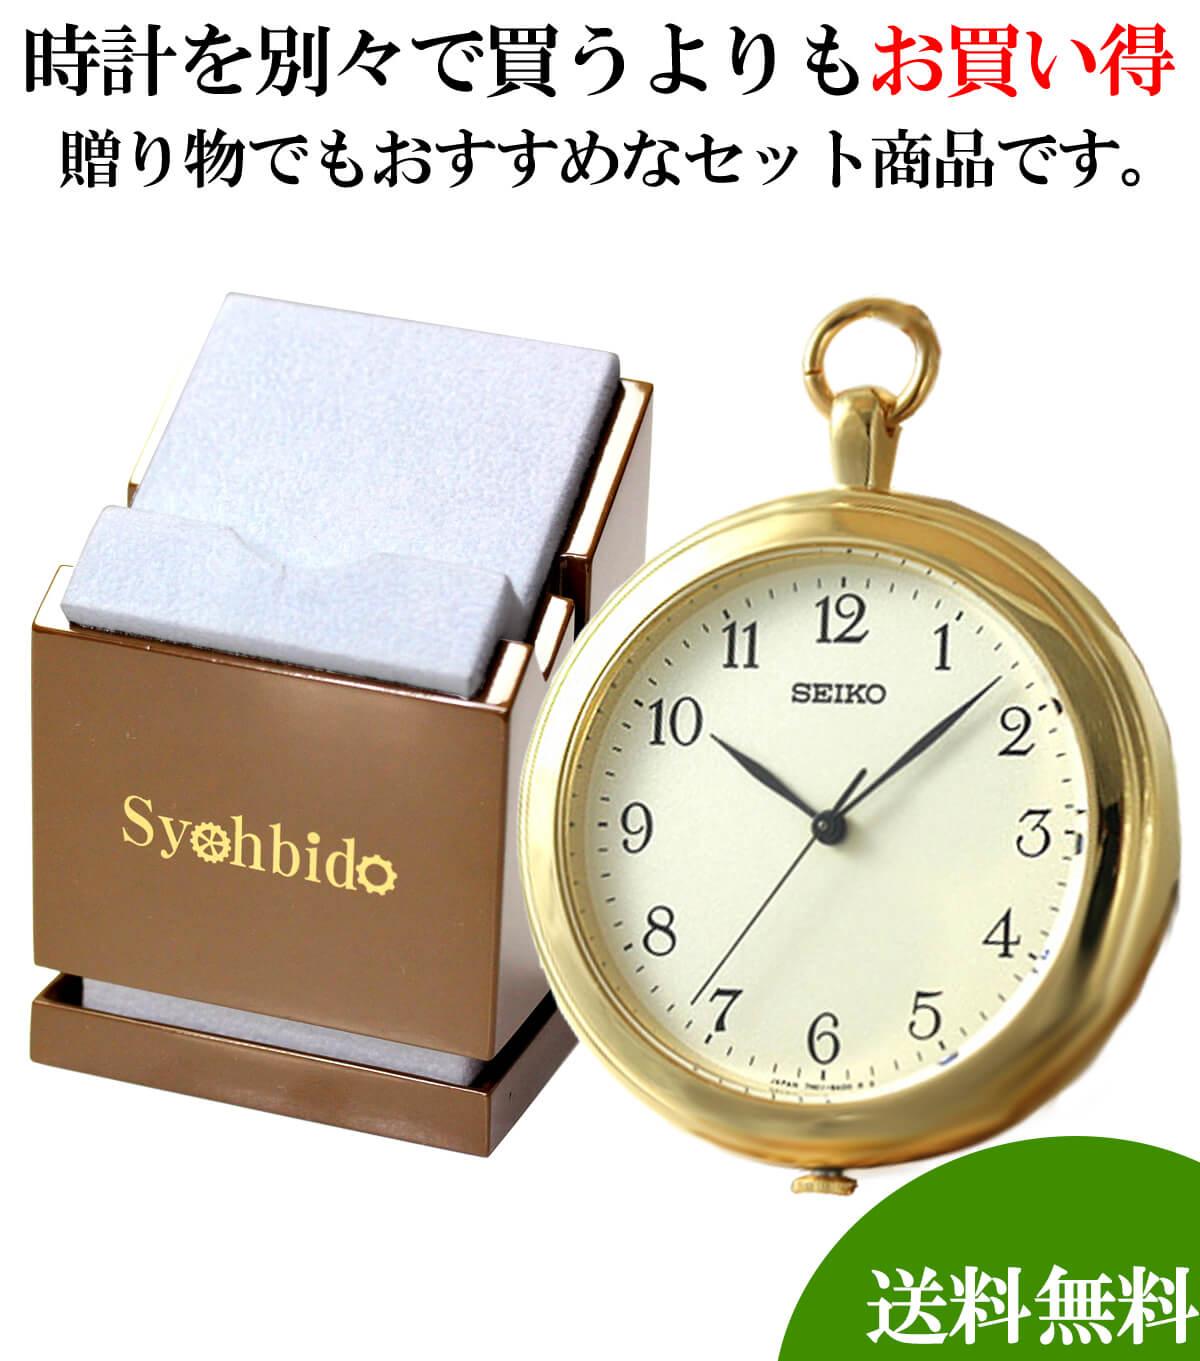 懐中時計と懐中時計専用スタンドのセット sapp002